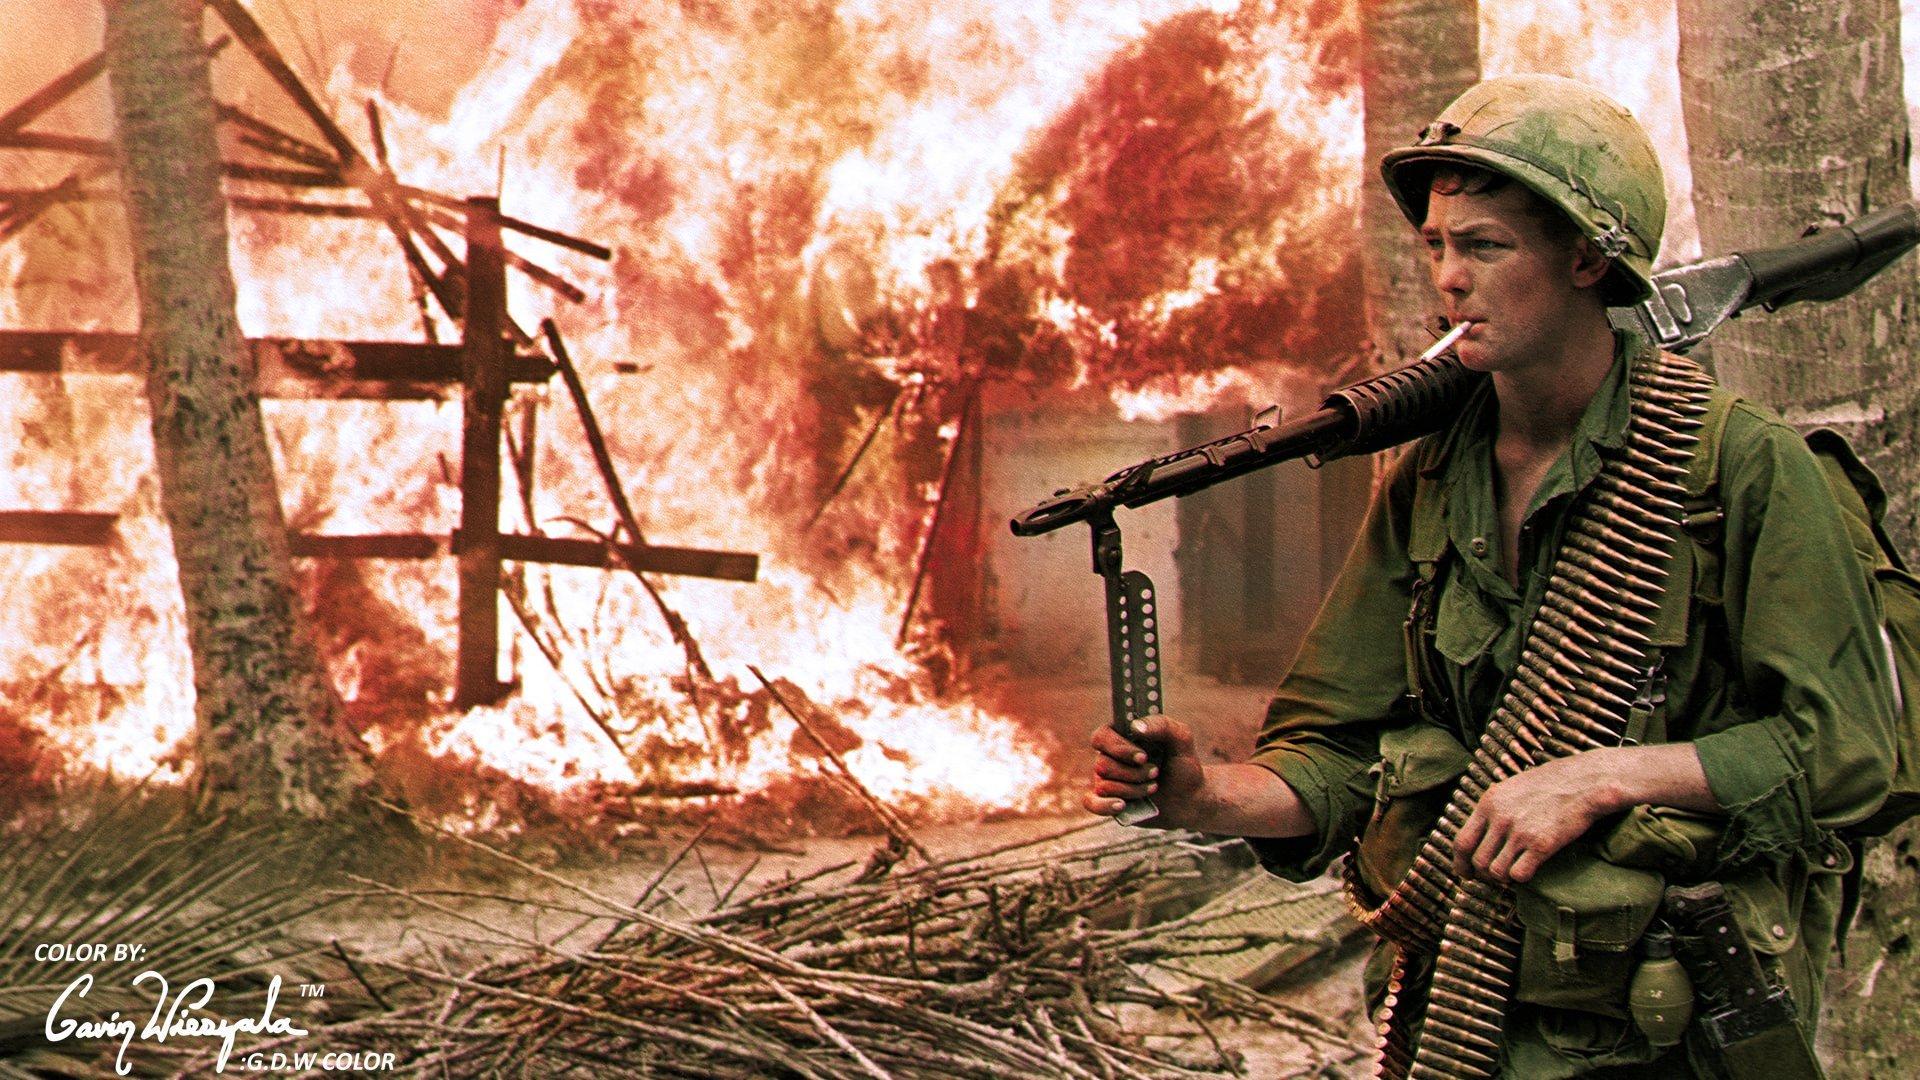 Убей все, что движется: настоящая американская война во Вьетнаме